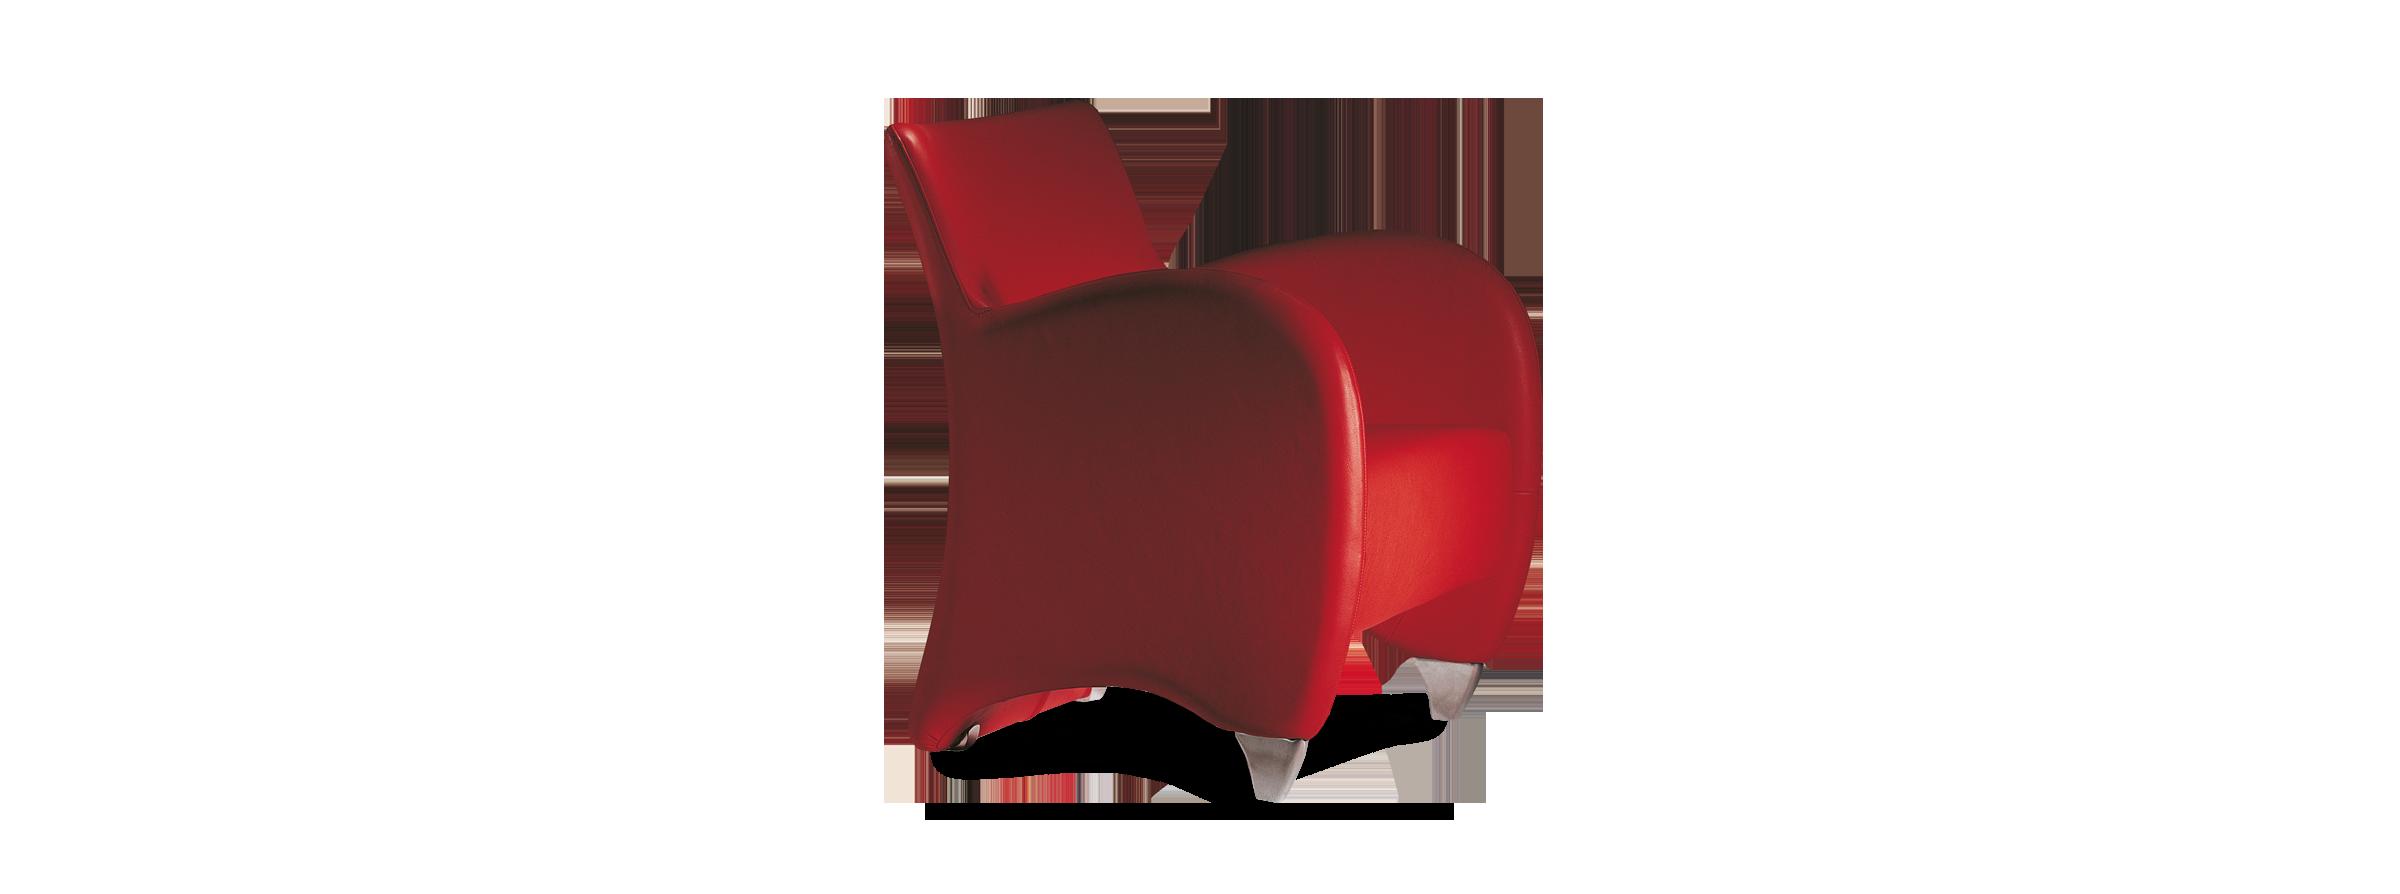 Neology-BAXO-fauteuil-cuir-pleine-fleur-français-sur-mesure